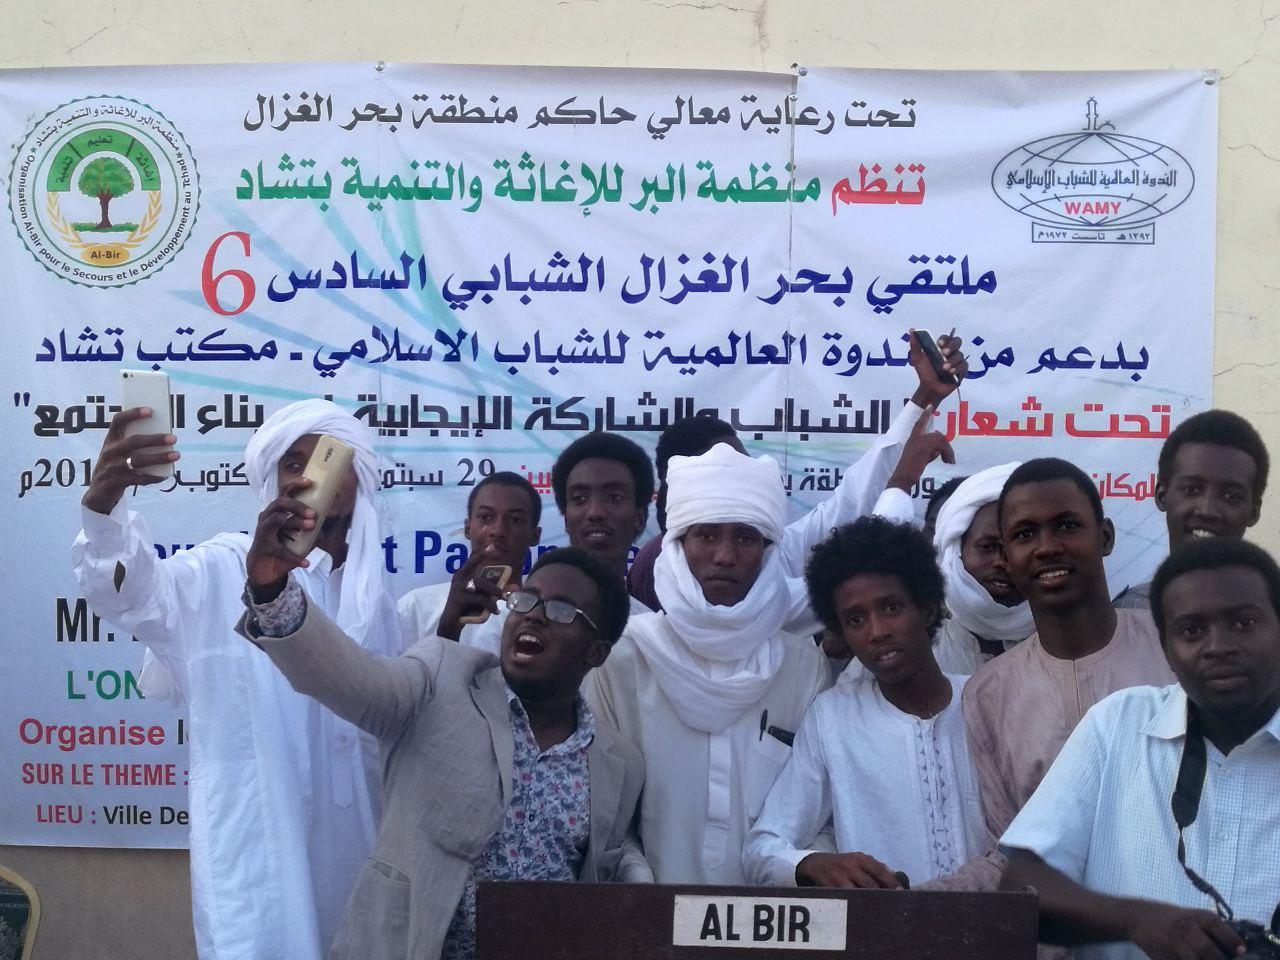 ملتقى بحر الغزال الشبابي السادس6 والدورة التربوية الاولى للمعلمين